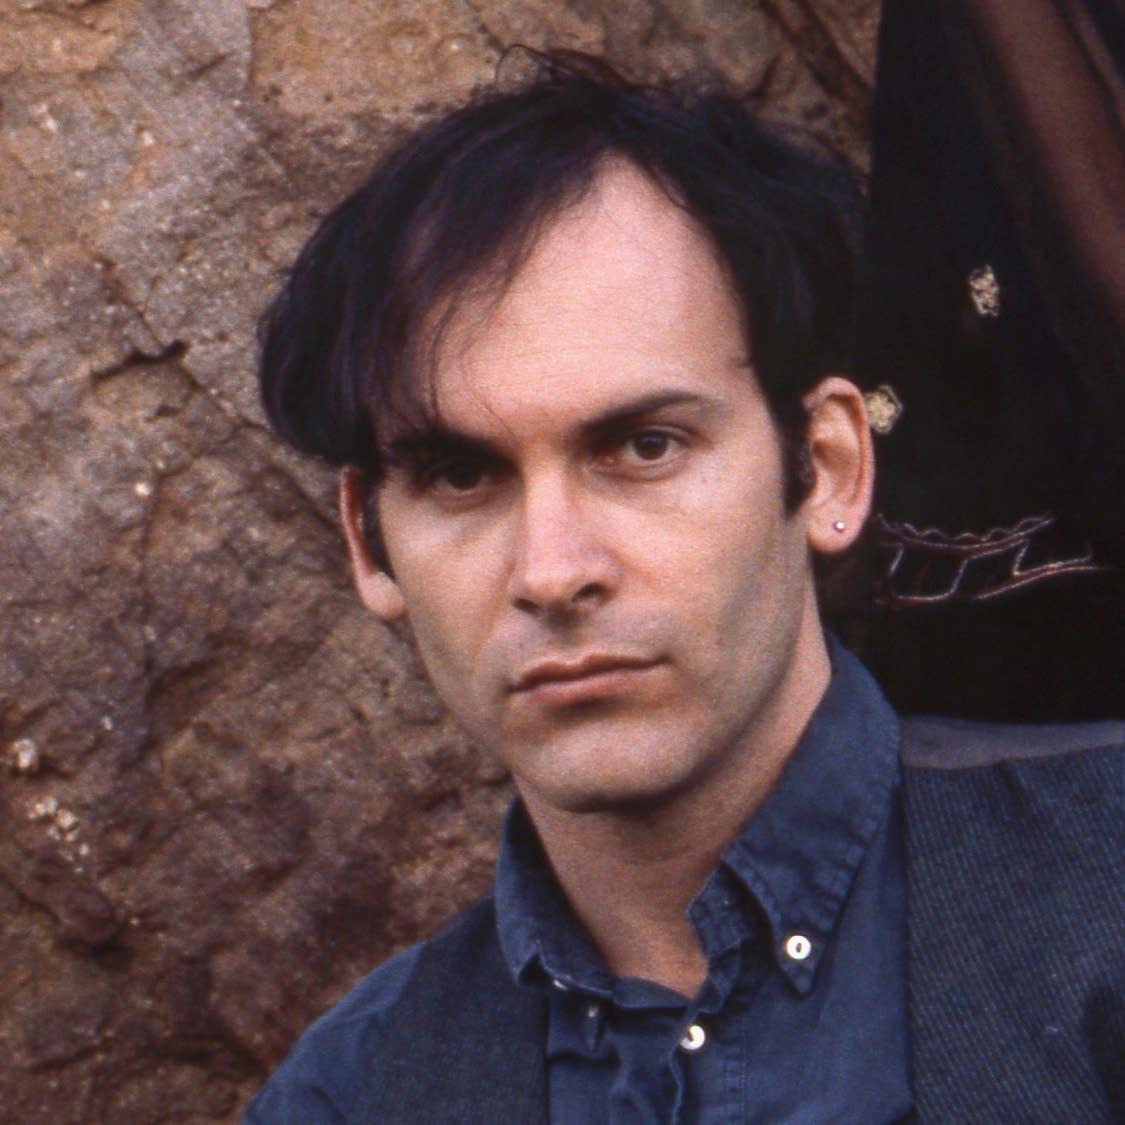 David Roback in 1990